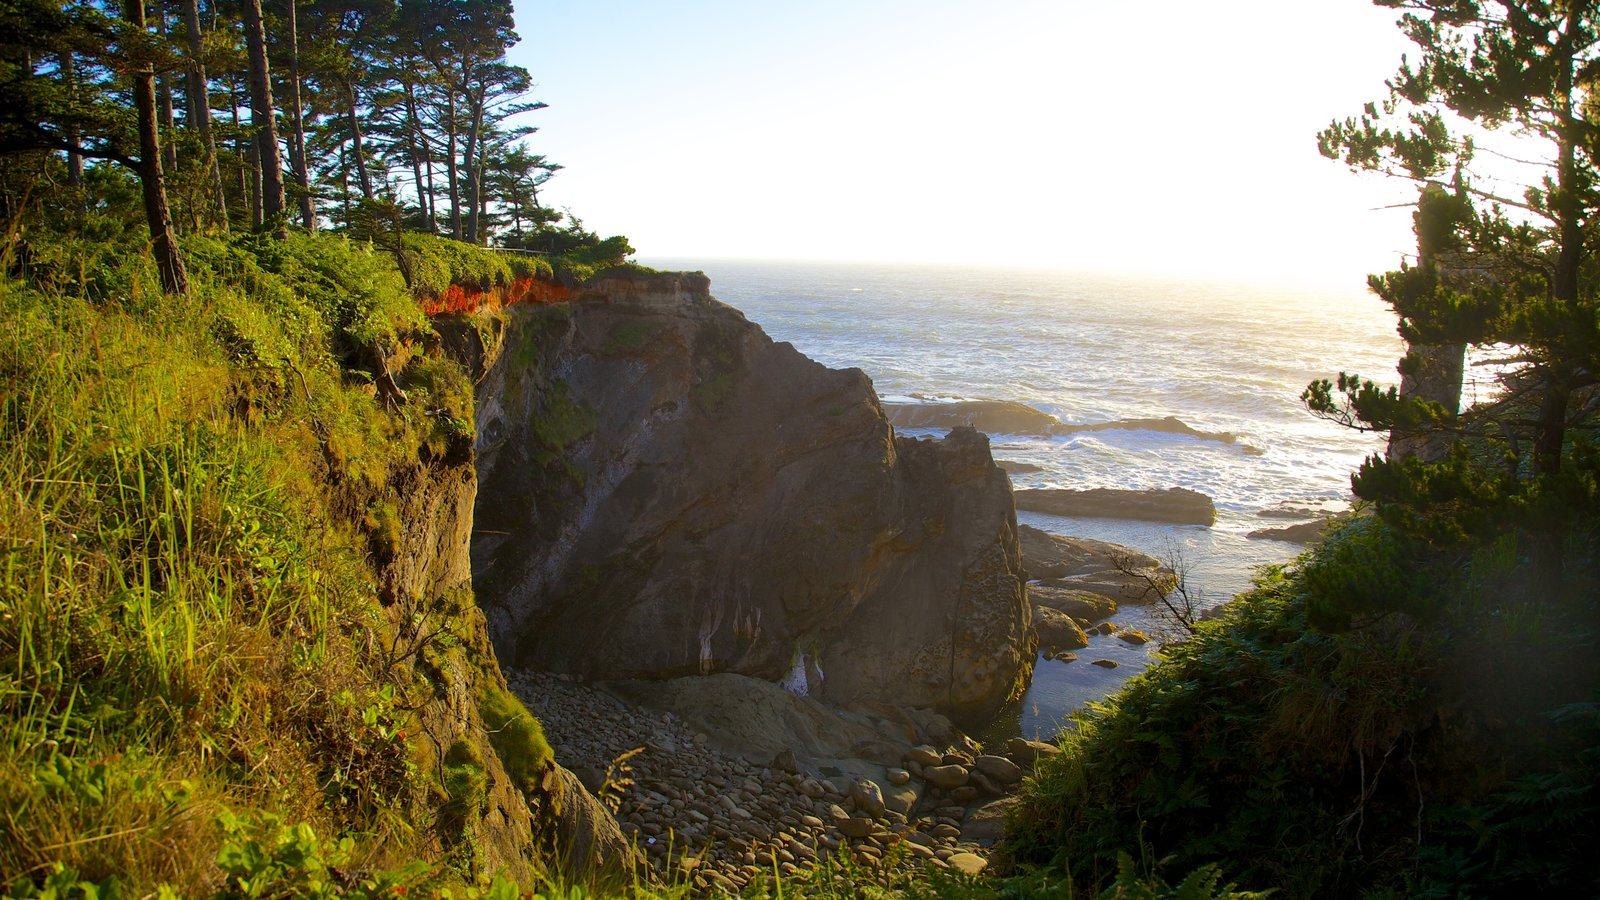 Parque estatal Shore Acres que incluye costa rocosa